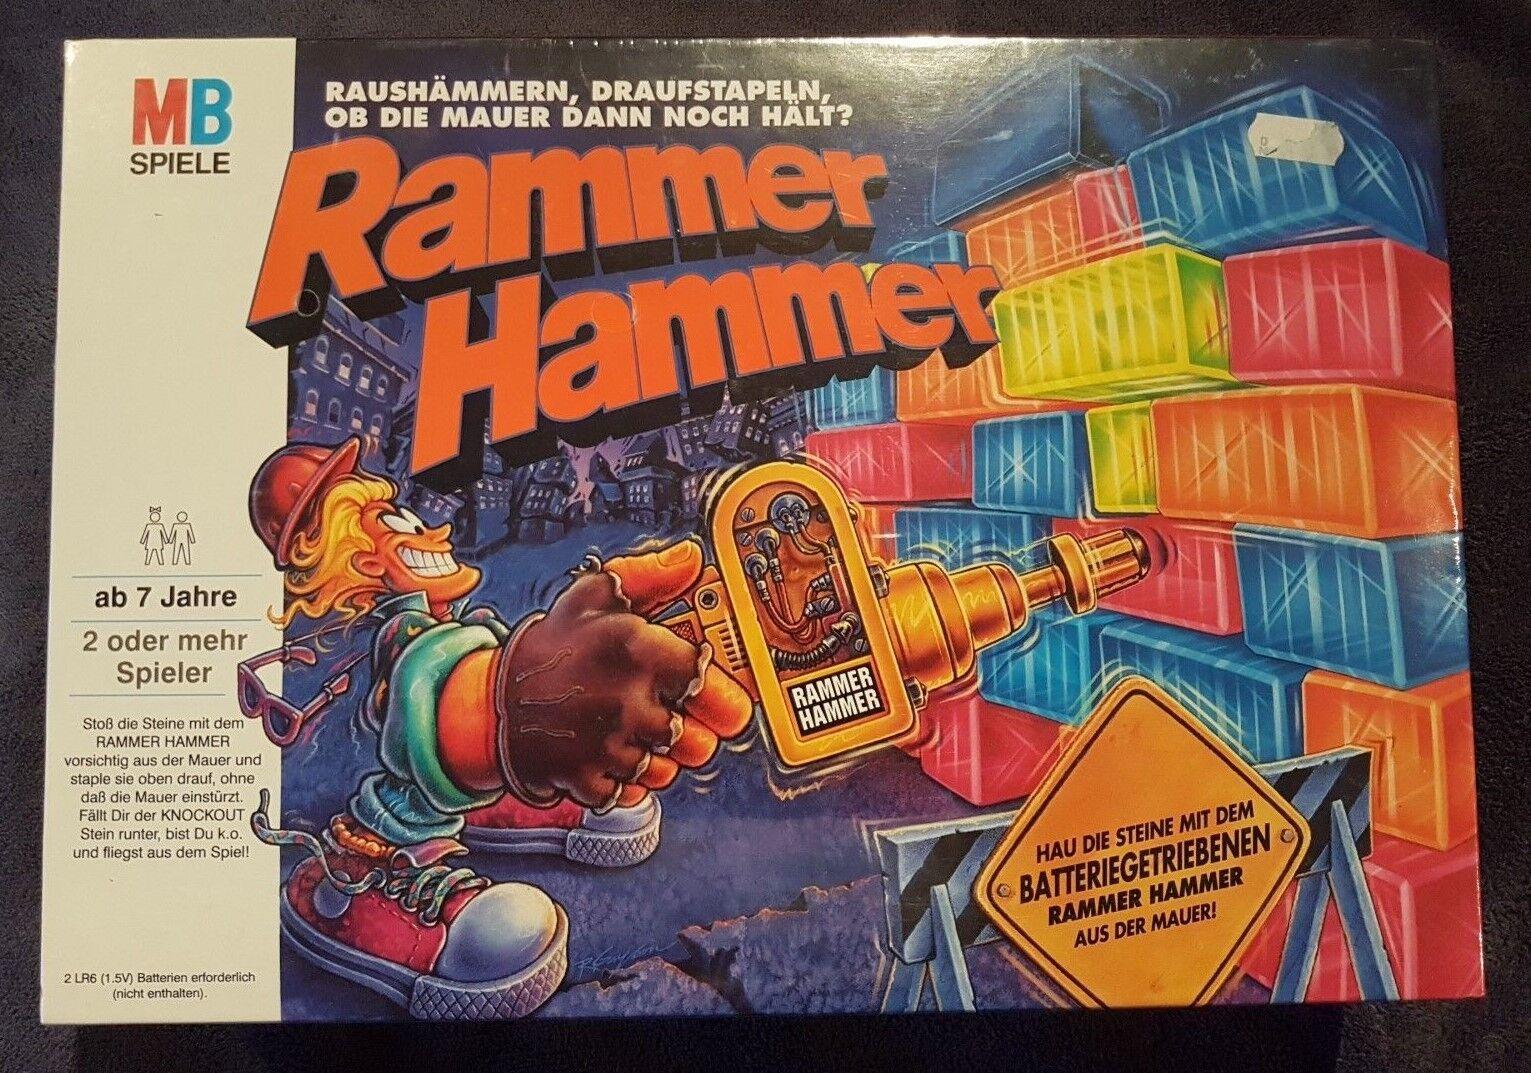 Rammer Hammer von MB in Folie